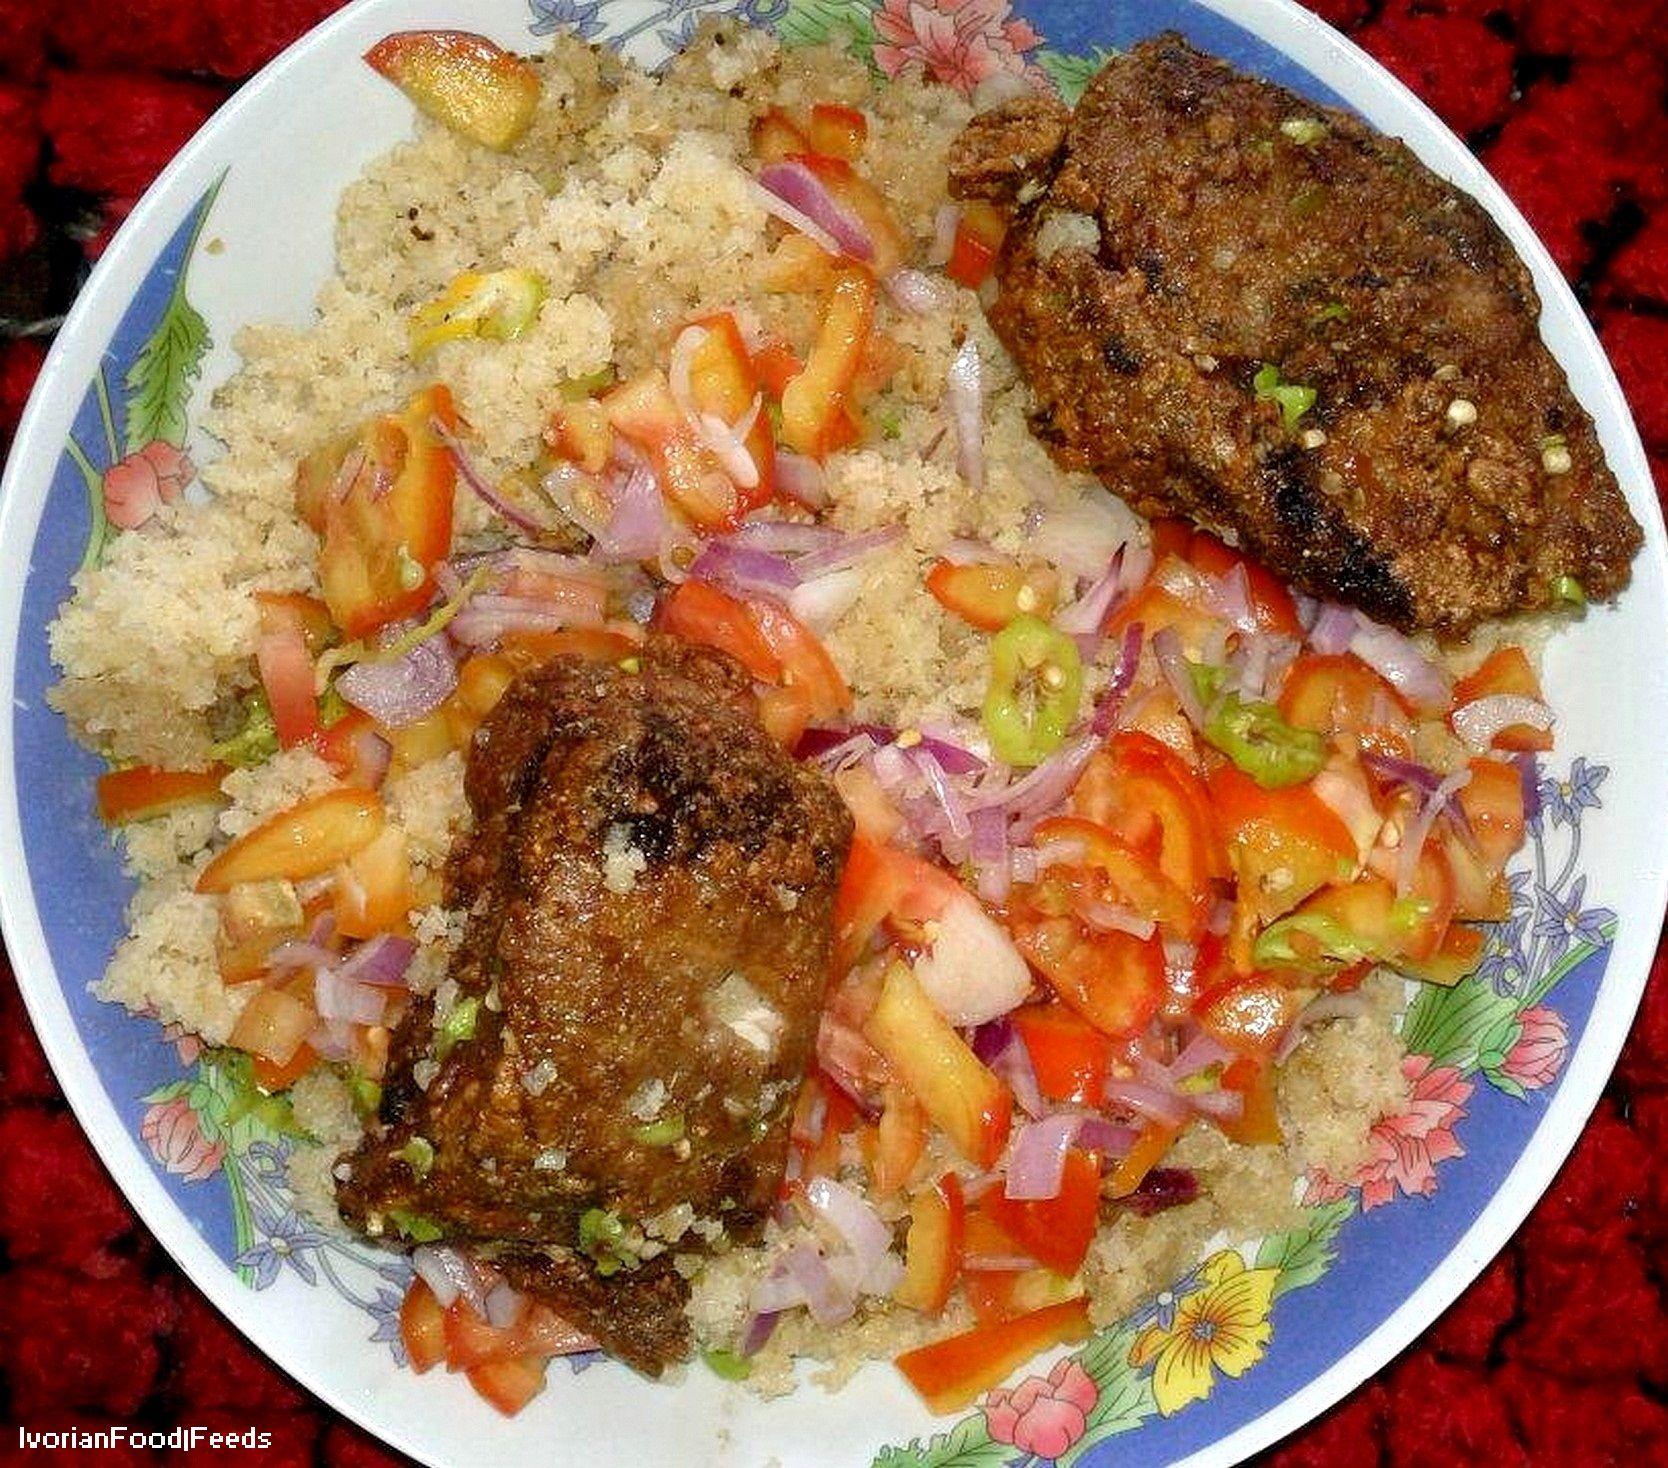 Gastronomie Recette Ivoirienne Le Garba Cuisine Africaine Recettes De Cuisine Africaine Recettes De Cuisine